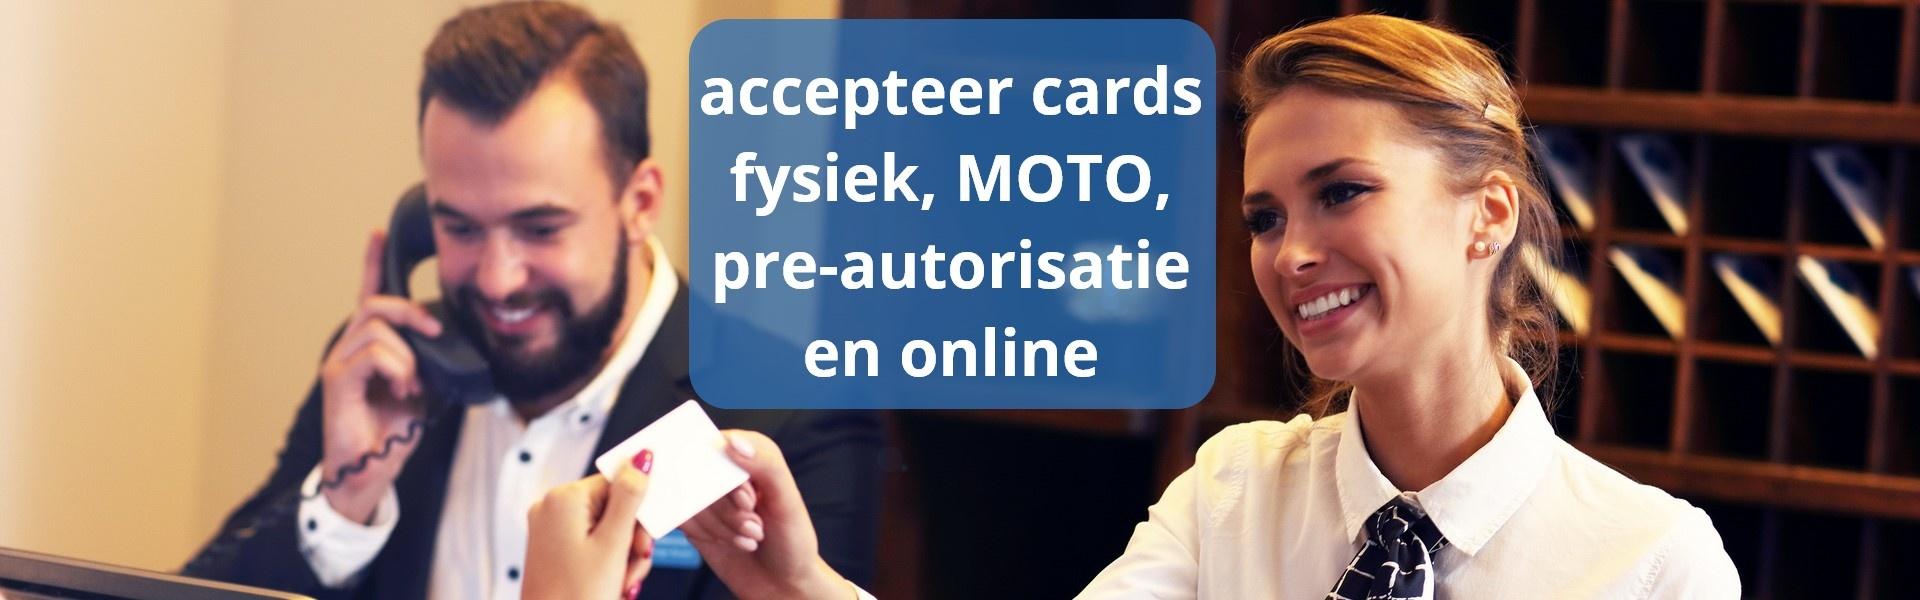 Met MOTO (Mail Order / Telephone Order) kunt u betaalkaarten op afstand accepteren, zonder dat de klant op dat moment aanwezig is. De creditcard-gegevens voert u handmatig in op de betaalterminal, de myPOS-app of in het myPOS-account. Dit is unieke functionaliteit die niet veel andere betaalterminalleveranciers bieden. Met de MOTO-functionaliteit kunt u dus debit- en creditcards via de telefoon, post of e-mail accepteren.